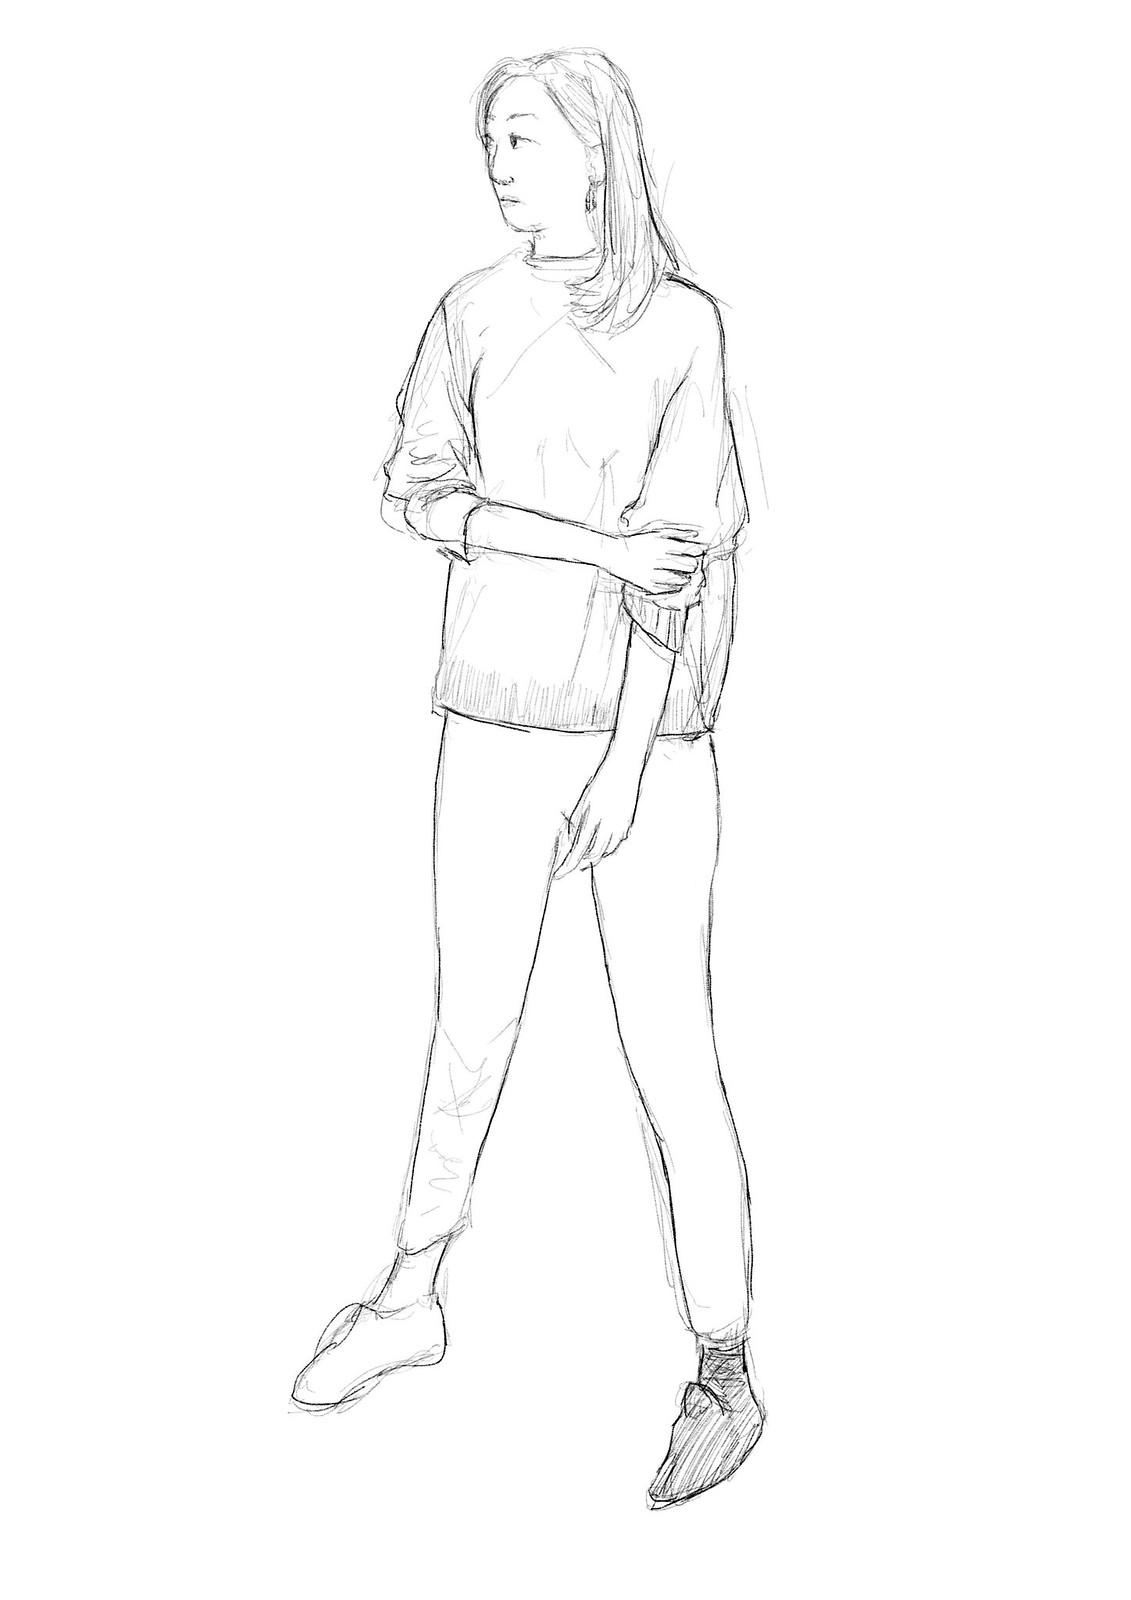 dessin_161218_03